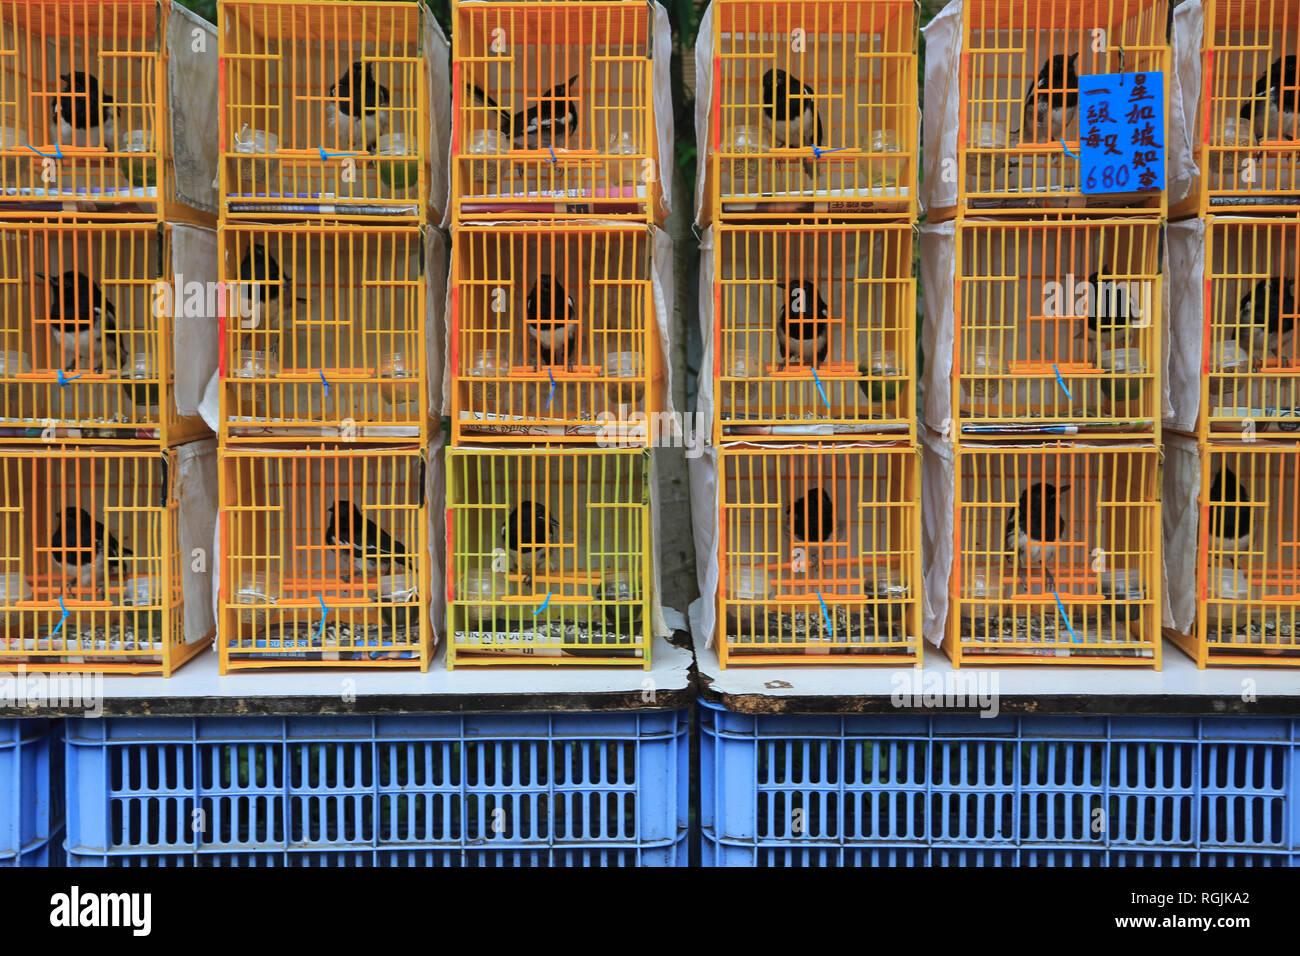 Birds for Sale, Yuen Po Street Bird Market and Garden, Mong Kok or Mongkok, Kowloon, Hong Kong, China, Asia - Stock Image